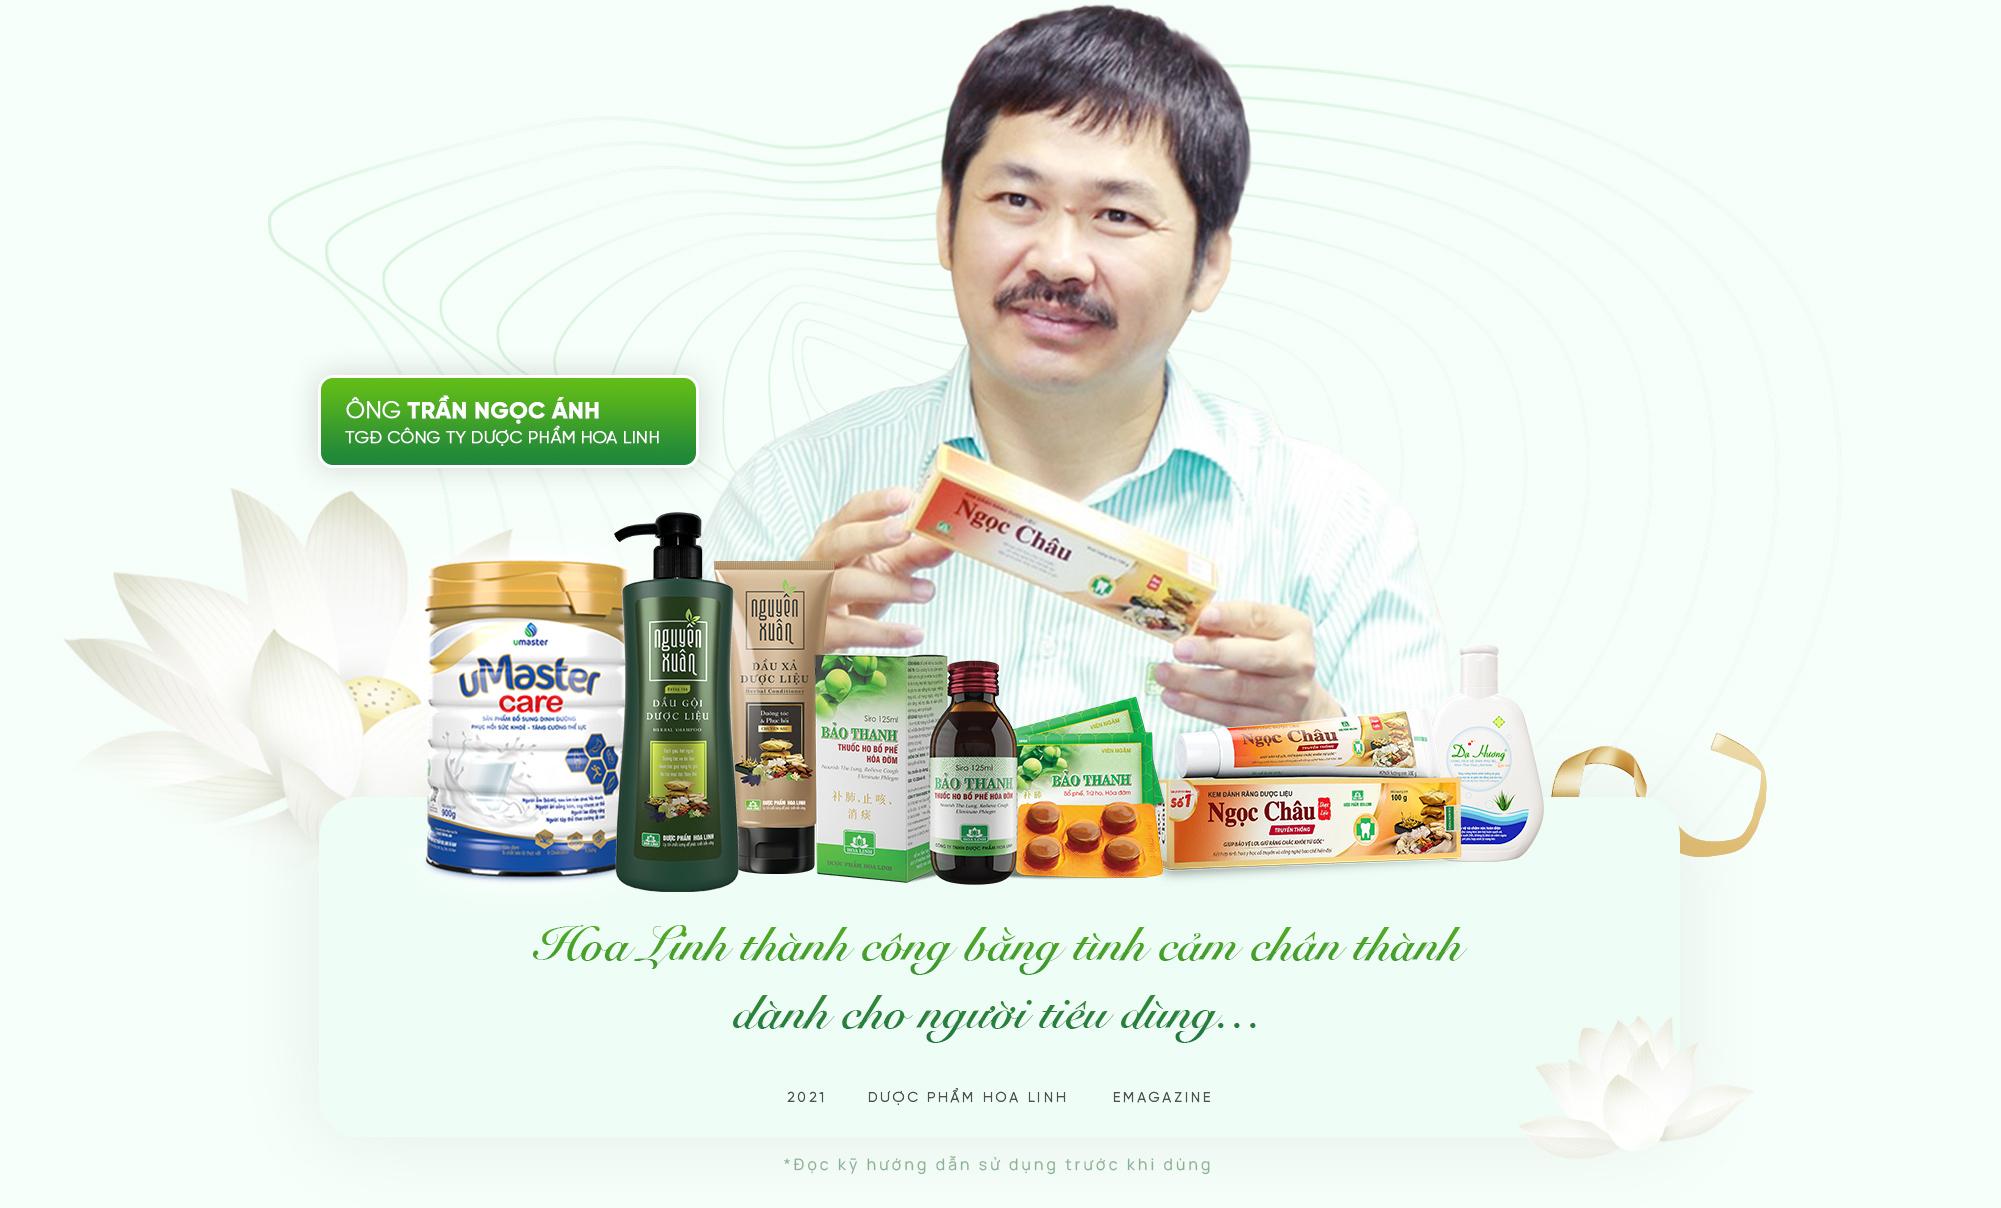 Dược phẩm Hoa Linh Bông sen trắng vươn mình để chất lượng tỏa hương - Ảnh 10.